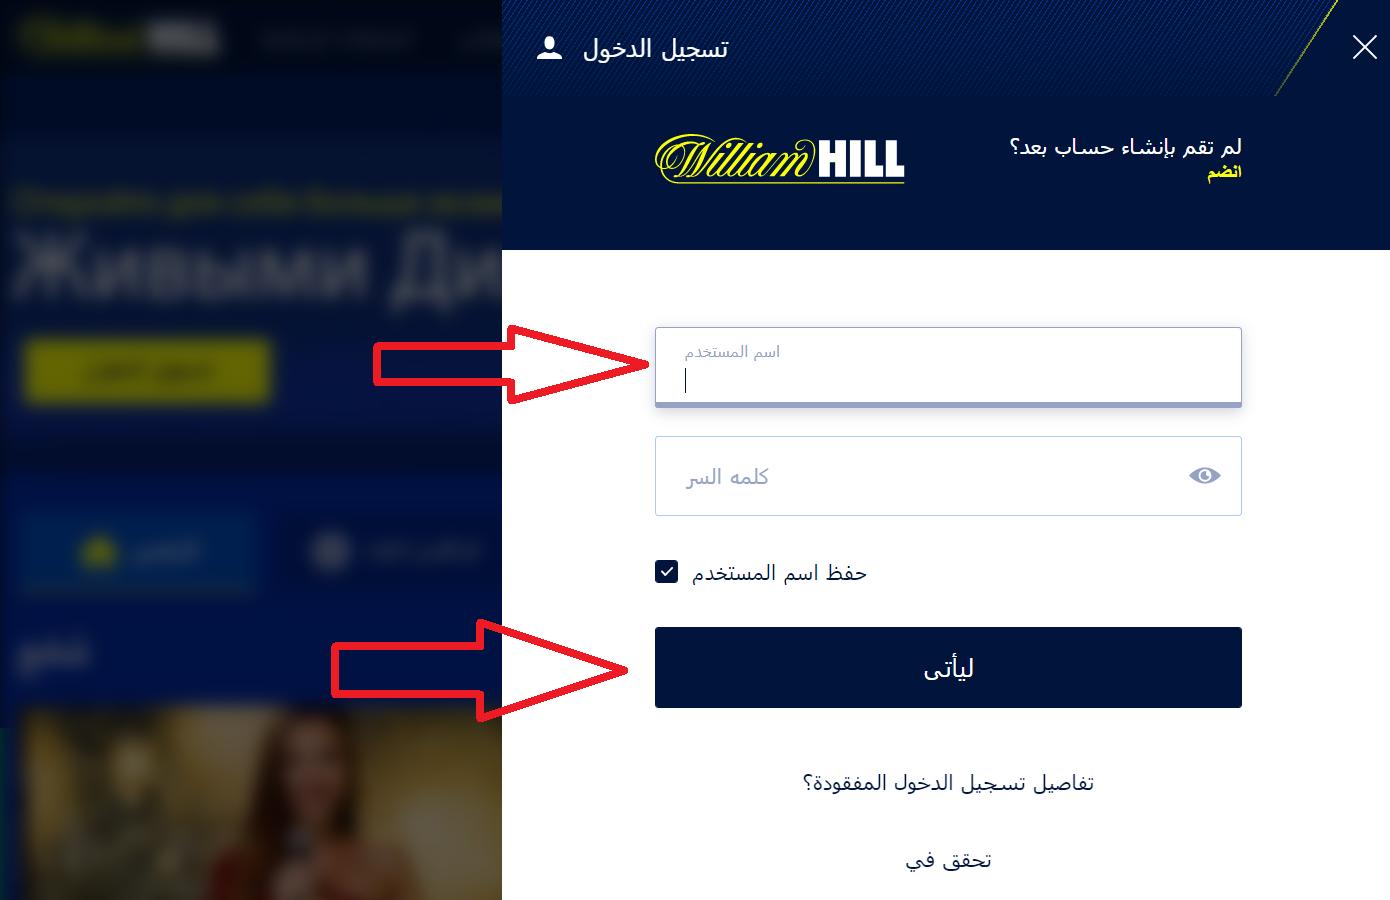 لماذا التسجيل عبر الإنترنت في موقع William Hill